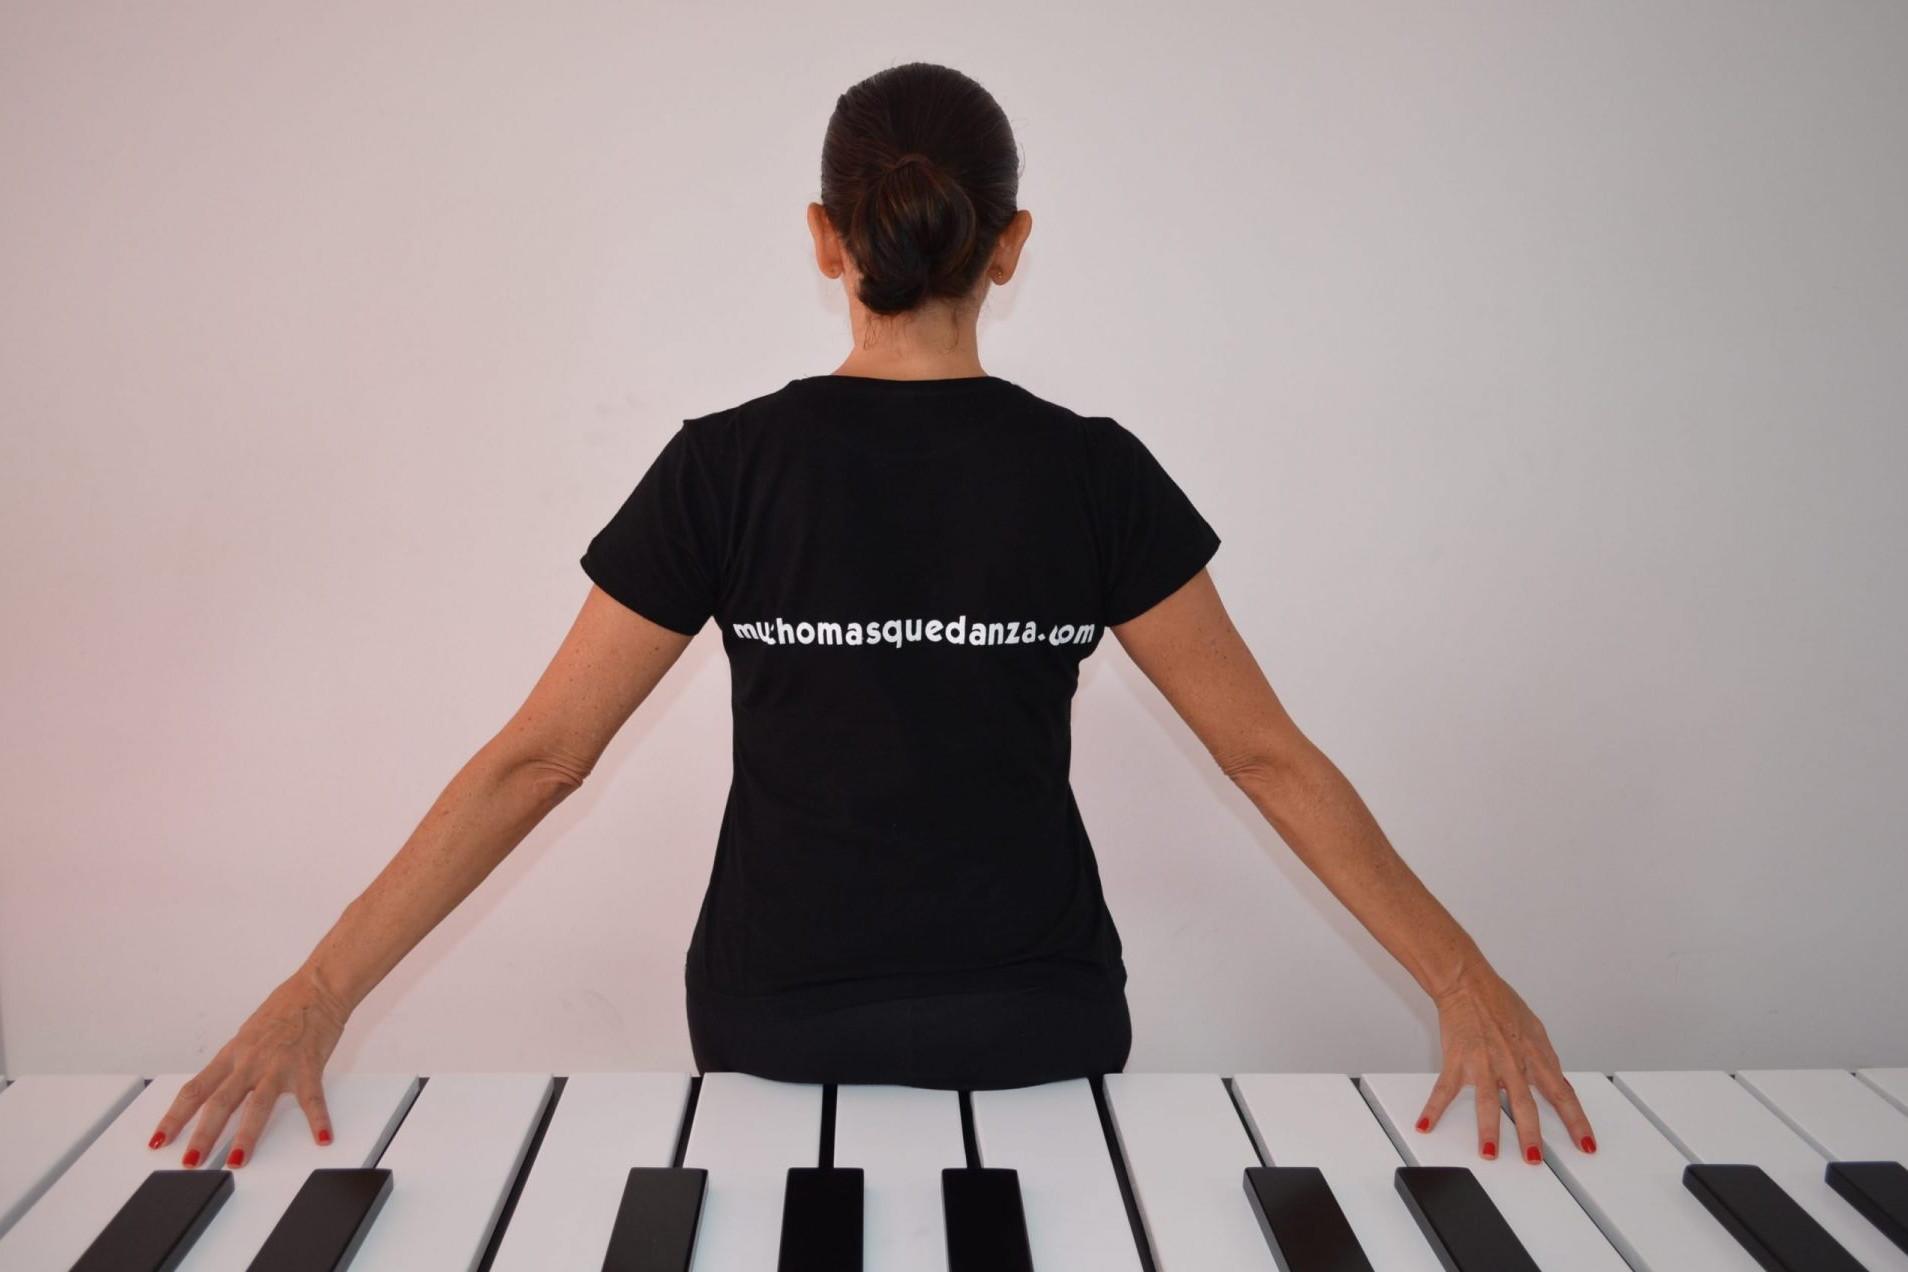 Foto de la directora del Centro de Danza Sandra Santa Cruz de espaldas sentada sobre las teclas de un piano gigantesco y en cuya camiseta se lee la filosofía del Centro: Muchomasquedanza.